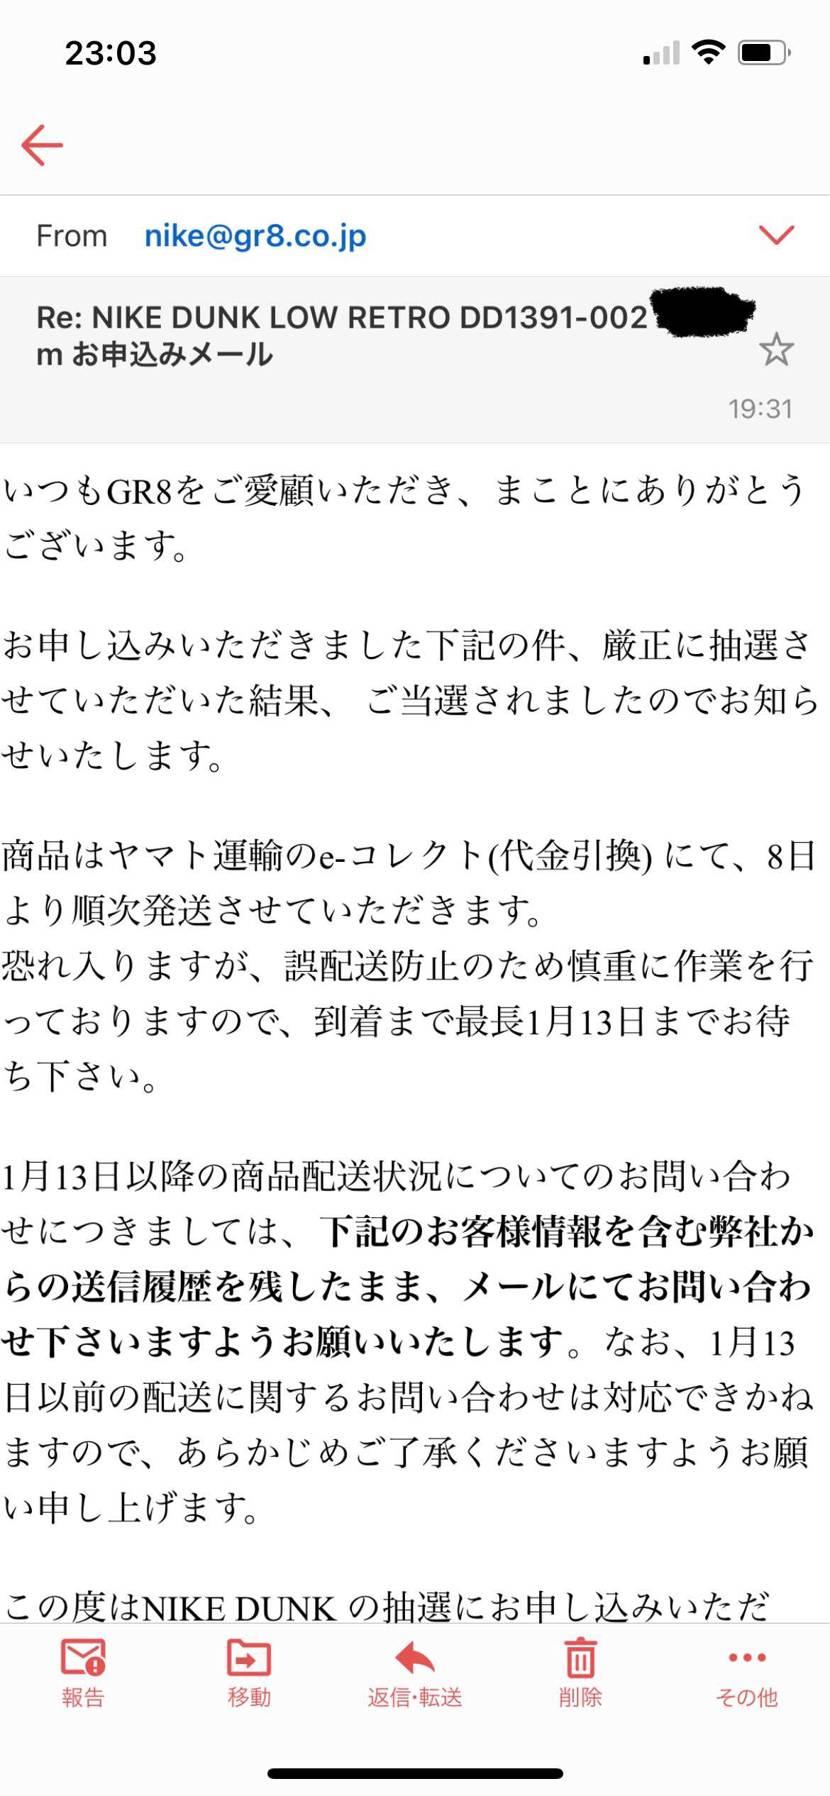 本日、新宿にて アンディ→ダメ アトモス→一般ダメ 落ち込んでましたが、今メ